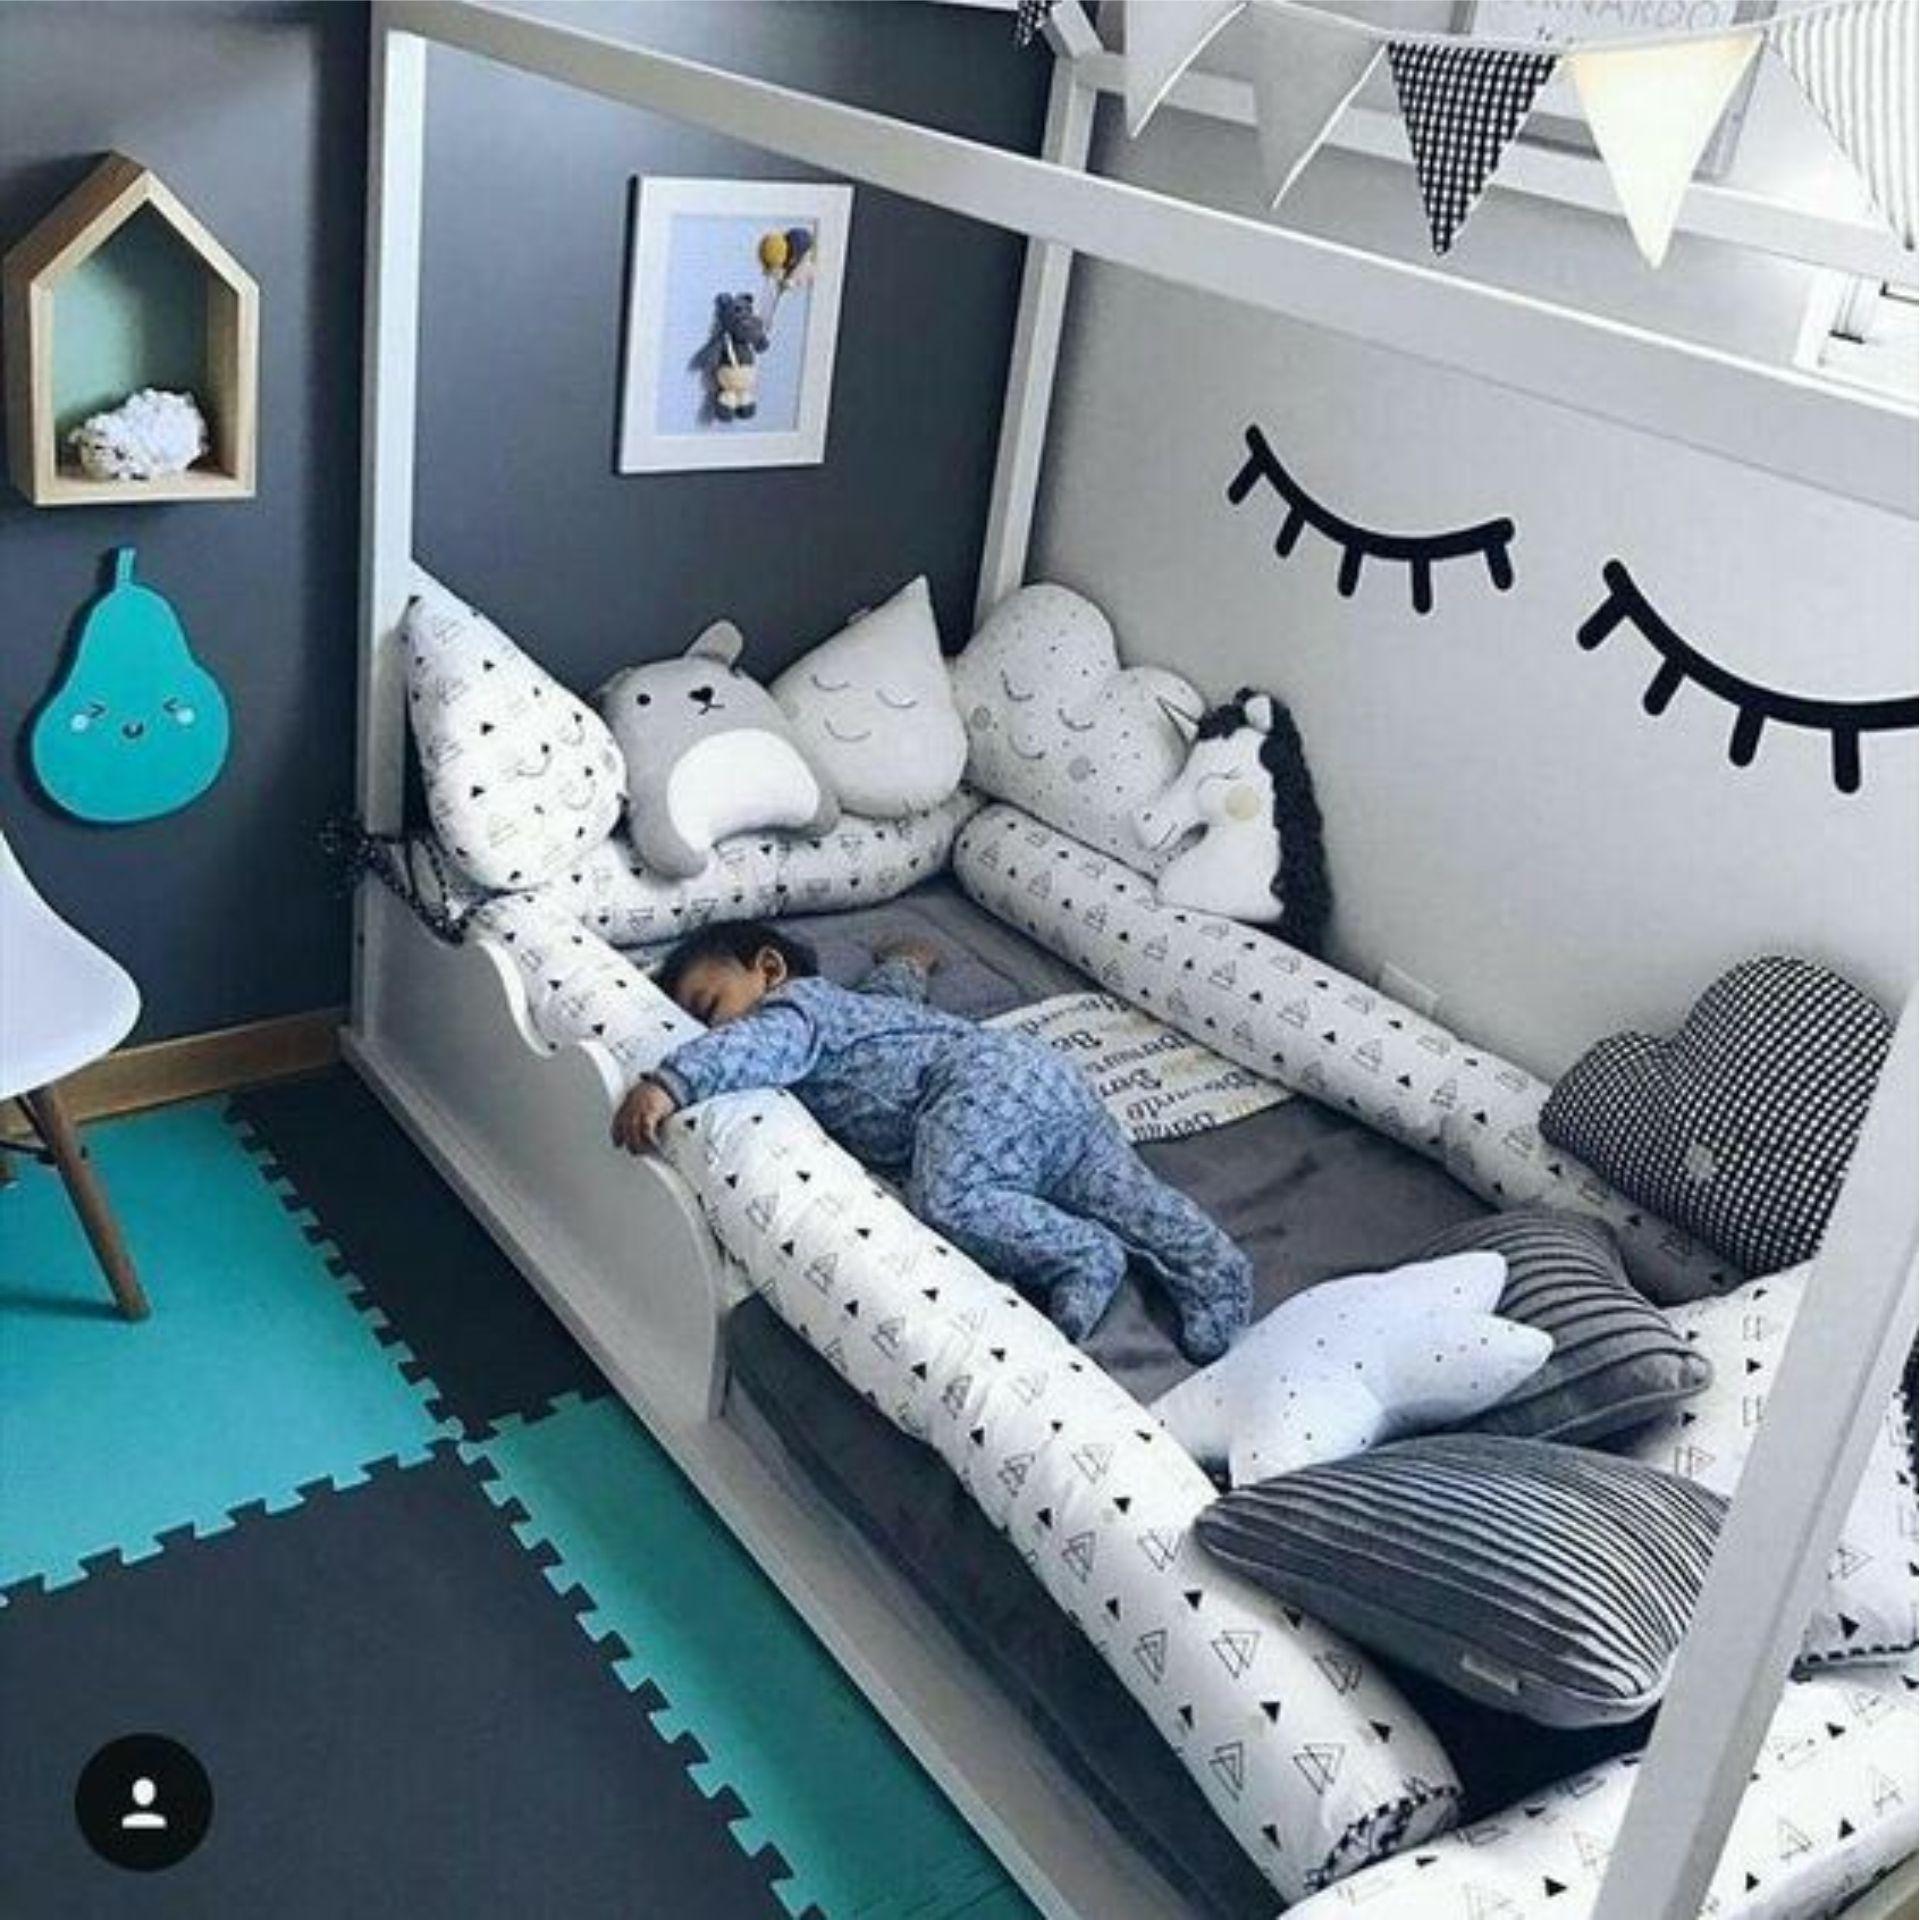 Tips Hermosos Detalles Y Accesorios Para La Recamara Del Bebe Decorar Habitacion Ninos Decorar Habitacion Bebe Habitaciones Infantiles